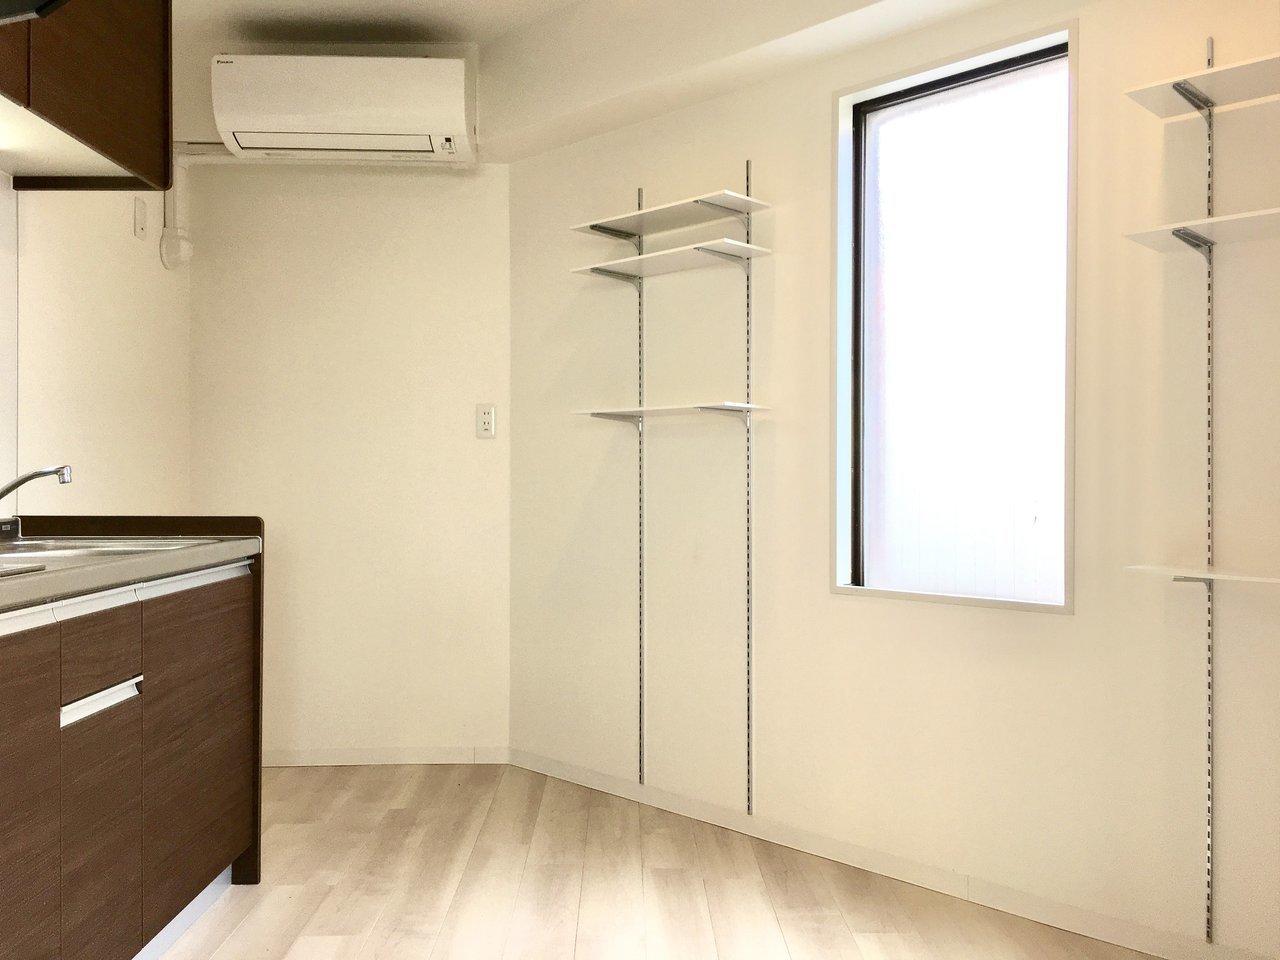 キッチンの向かい側には、洋室にもあった可動式の棚が2つ。料理好きさんはここにスパイスや パスタなどレイアウトして、キッチンだけのスペースとして使うのもありかも。扉を閉めても、小窓からの明かりが差し込んで、キッチンが暗くならないのもうれしい!